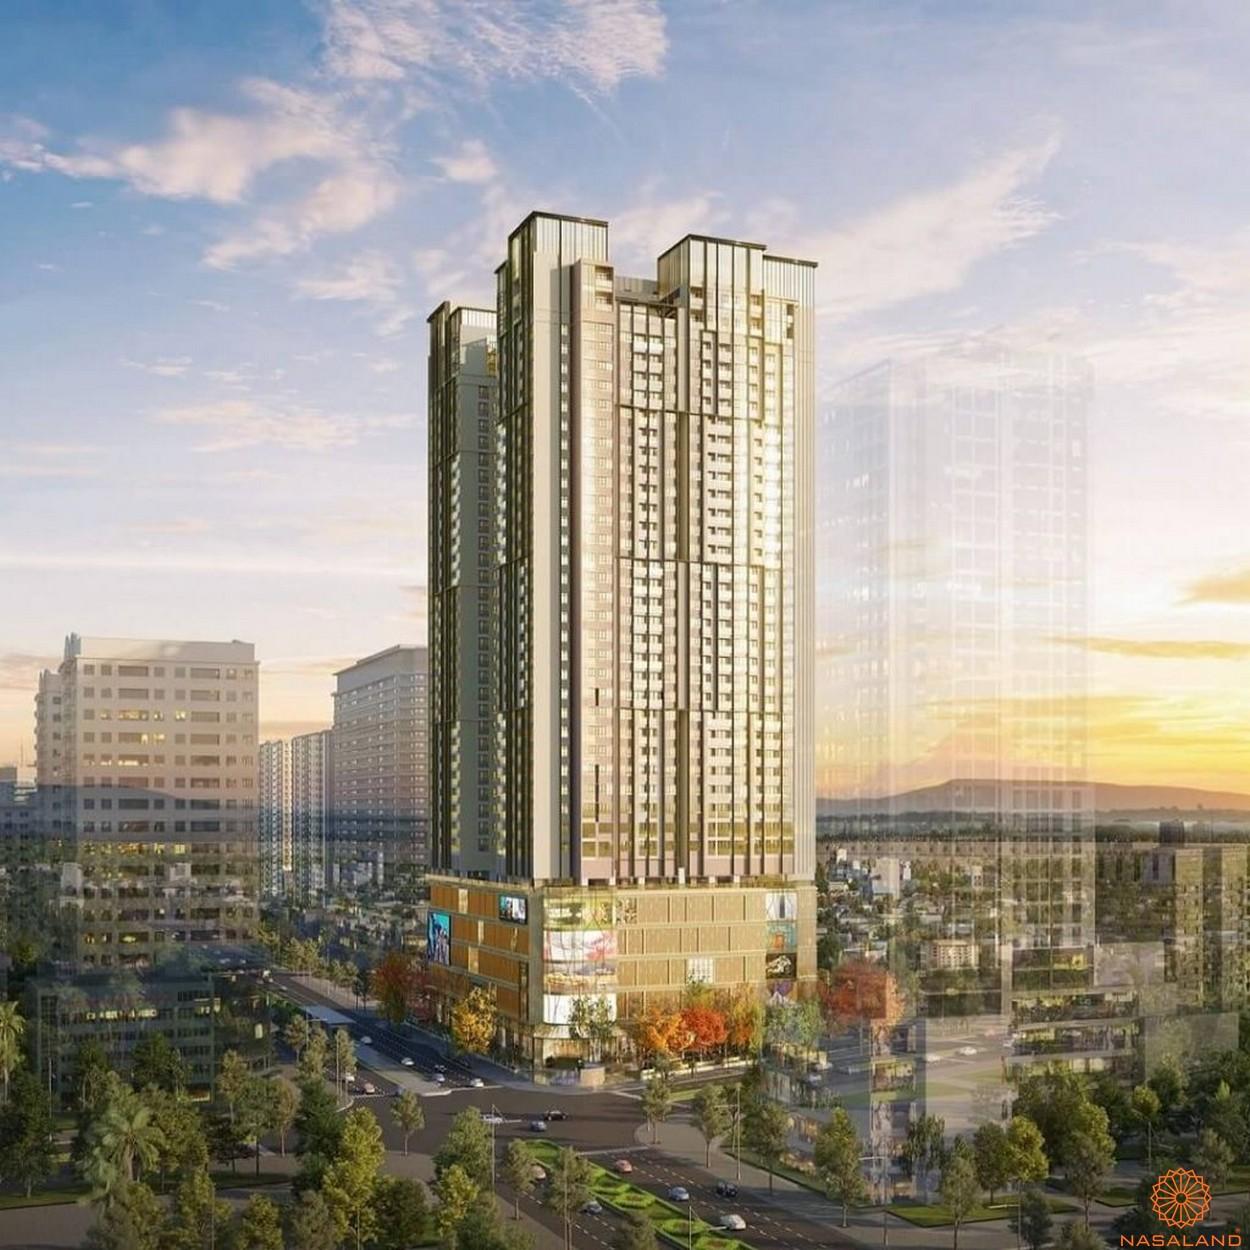 Phối cảnh dự án căn hộ Honas Residence Bình Dương